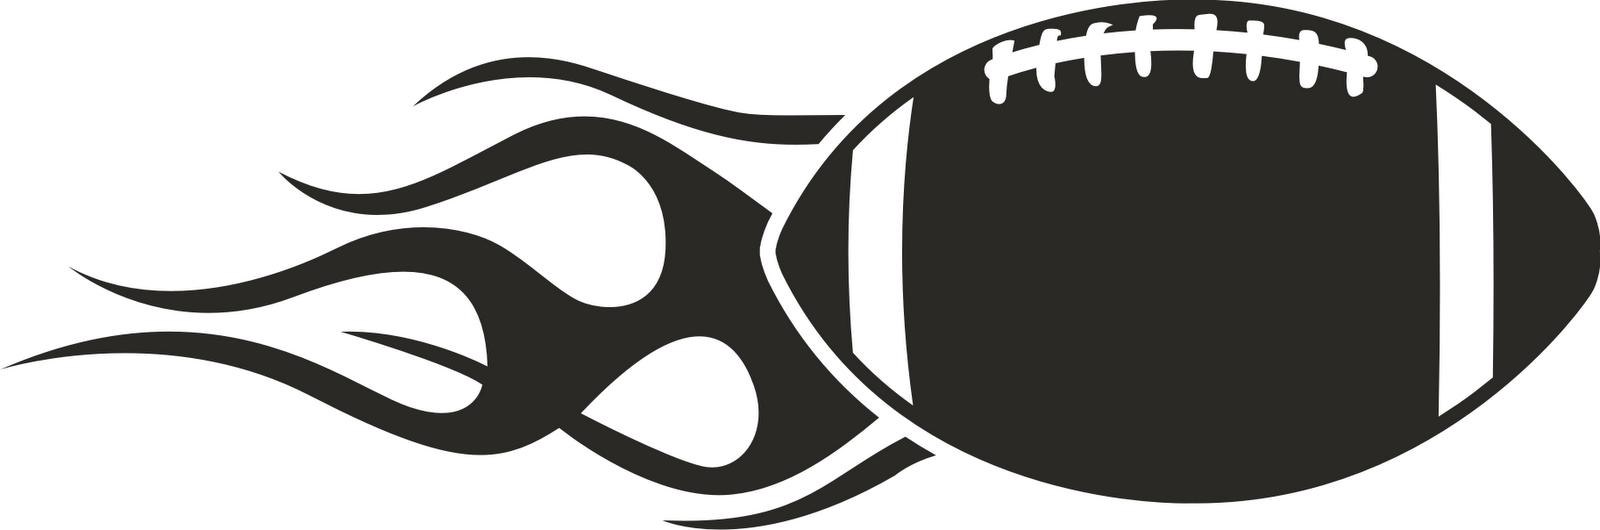 Flag Football Clipart-Flag Football Clipart-4